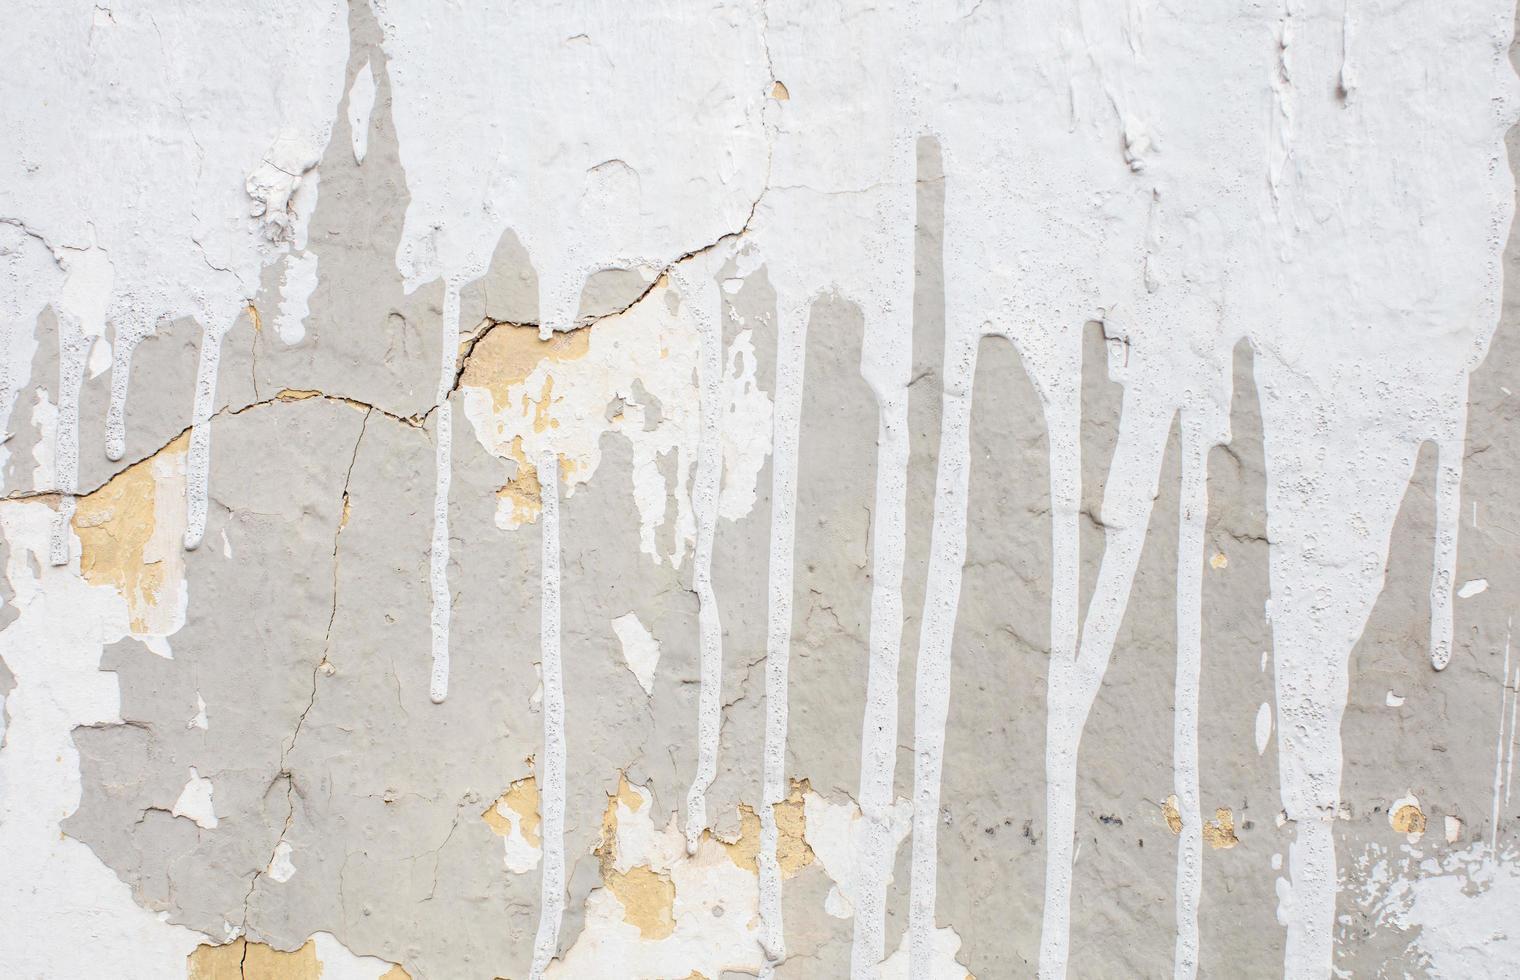 Textura de pared de hormigón con gotas de pintura foto